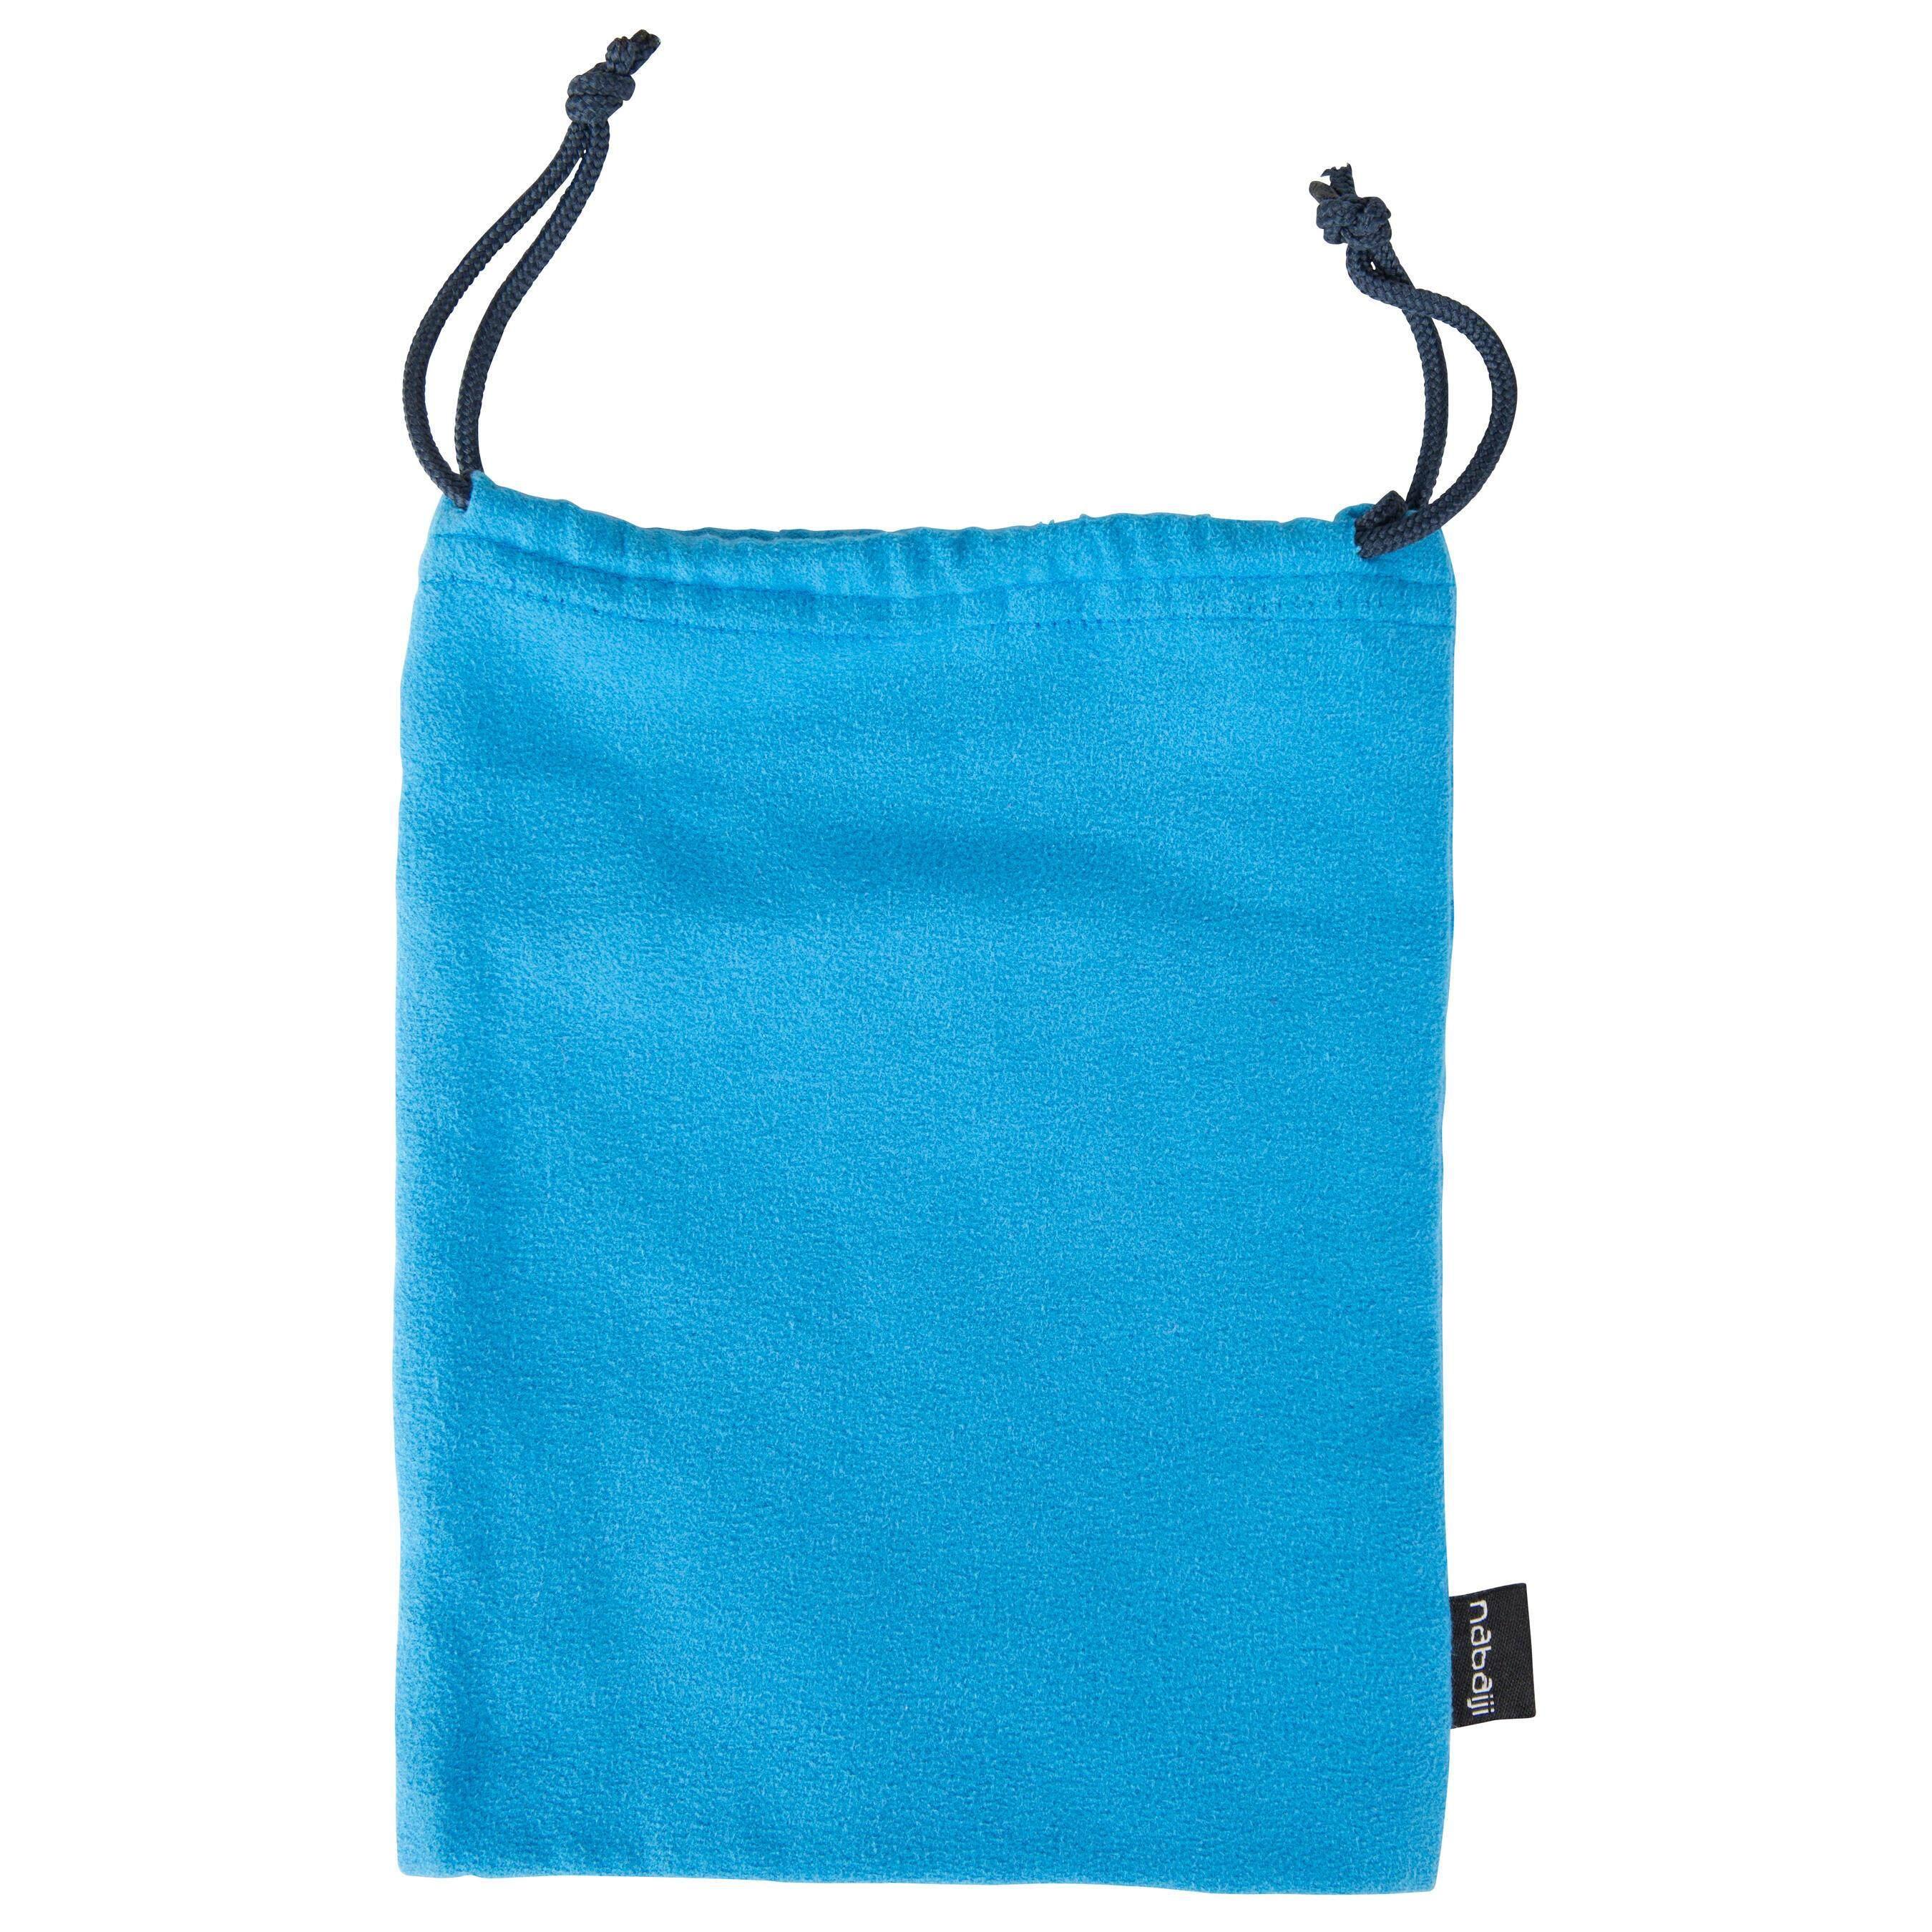 [ถูกที่สุด]ถุงผ้าใส่แว่นตาว่ายน้ำรุ่น 100 (สีฟ้า)